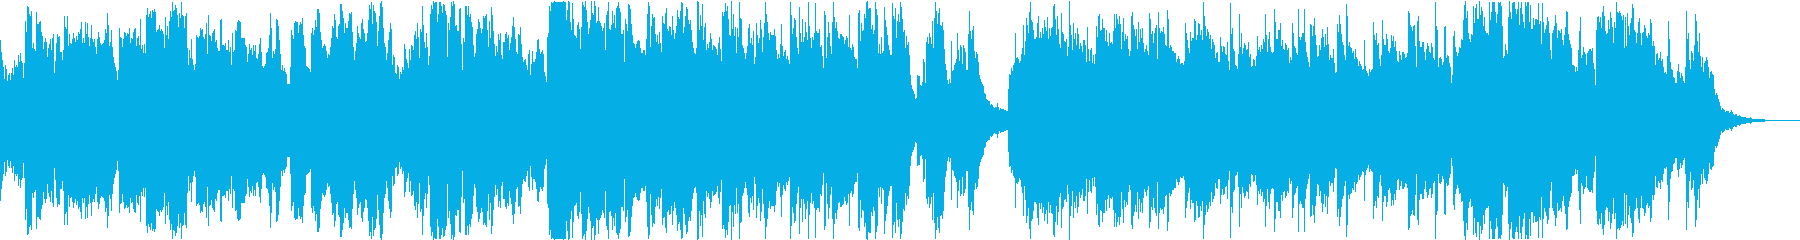 ひまわりの映像等に最適な華やかな感じの曲の再生済みの波形